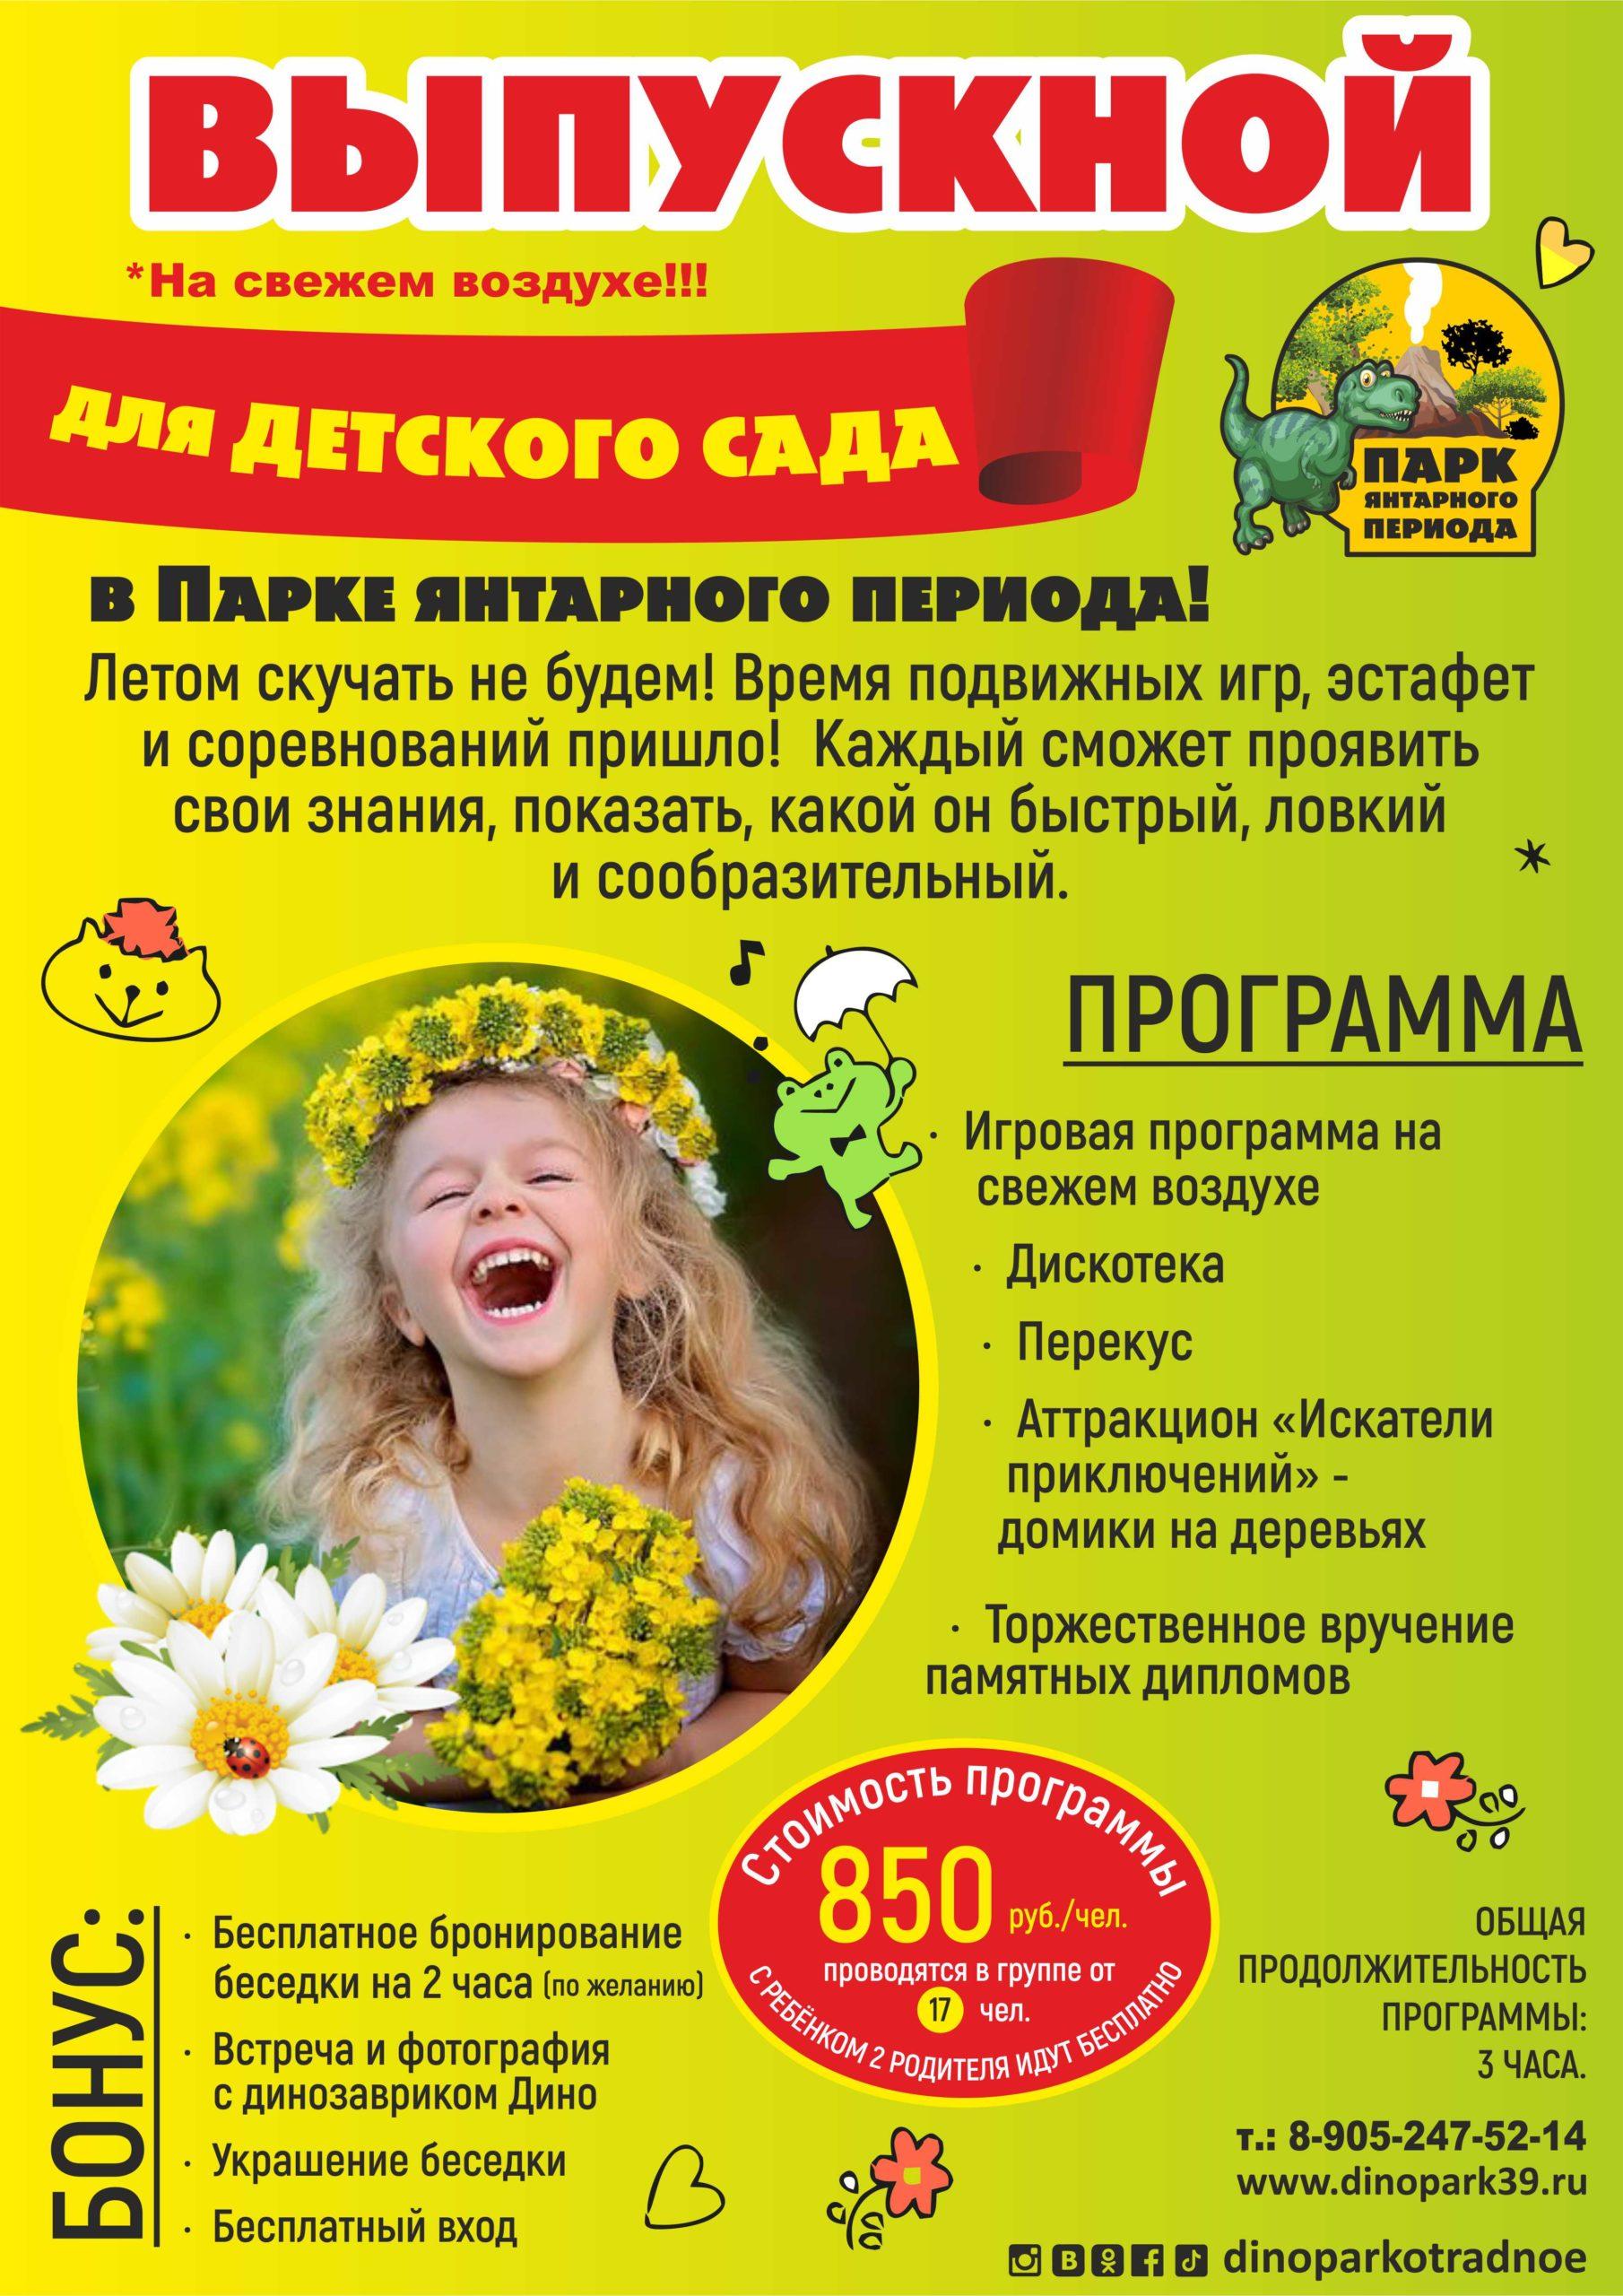 Выпускной праздник для детского сада